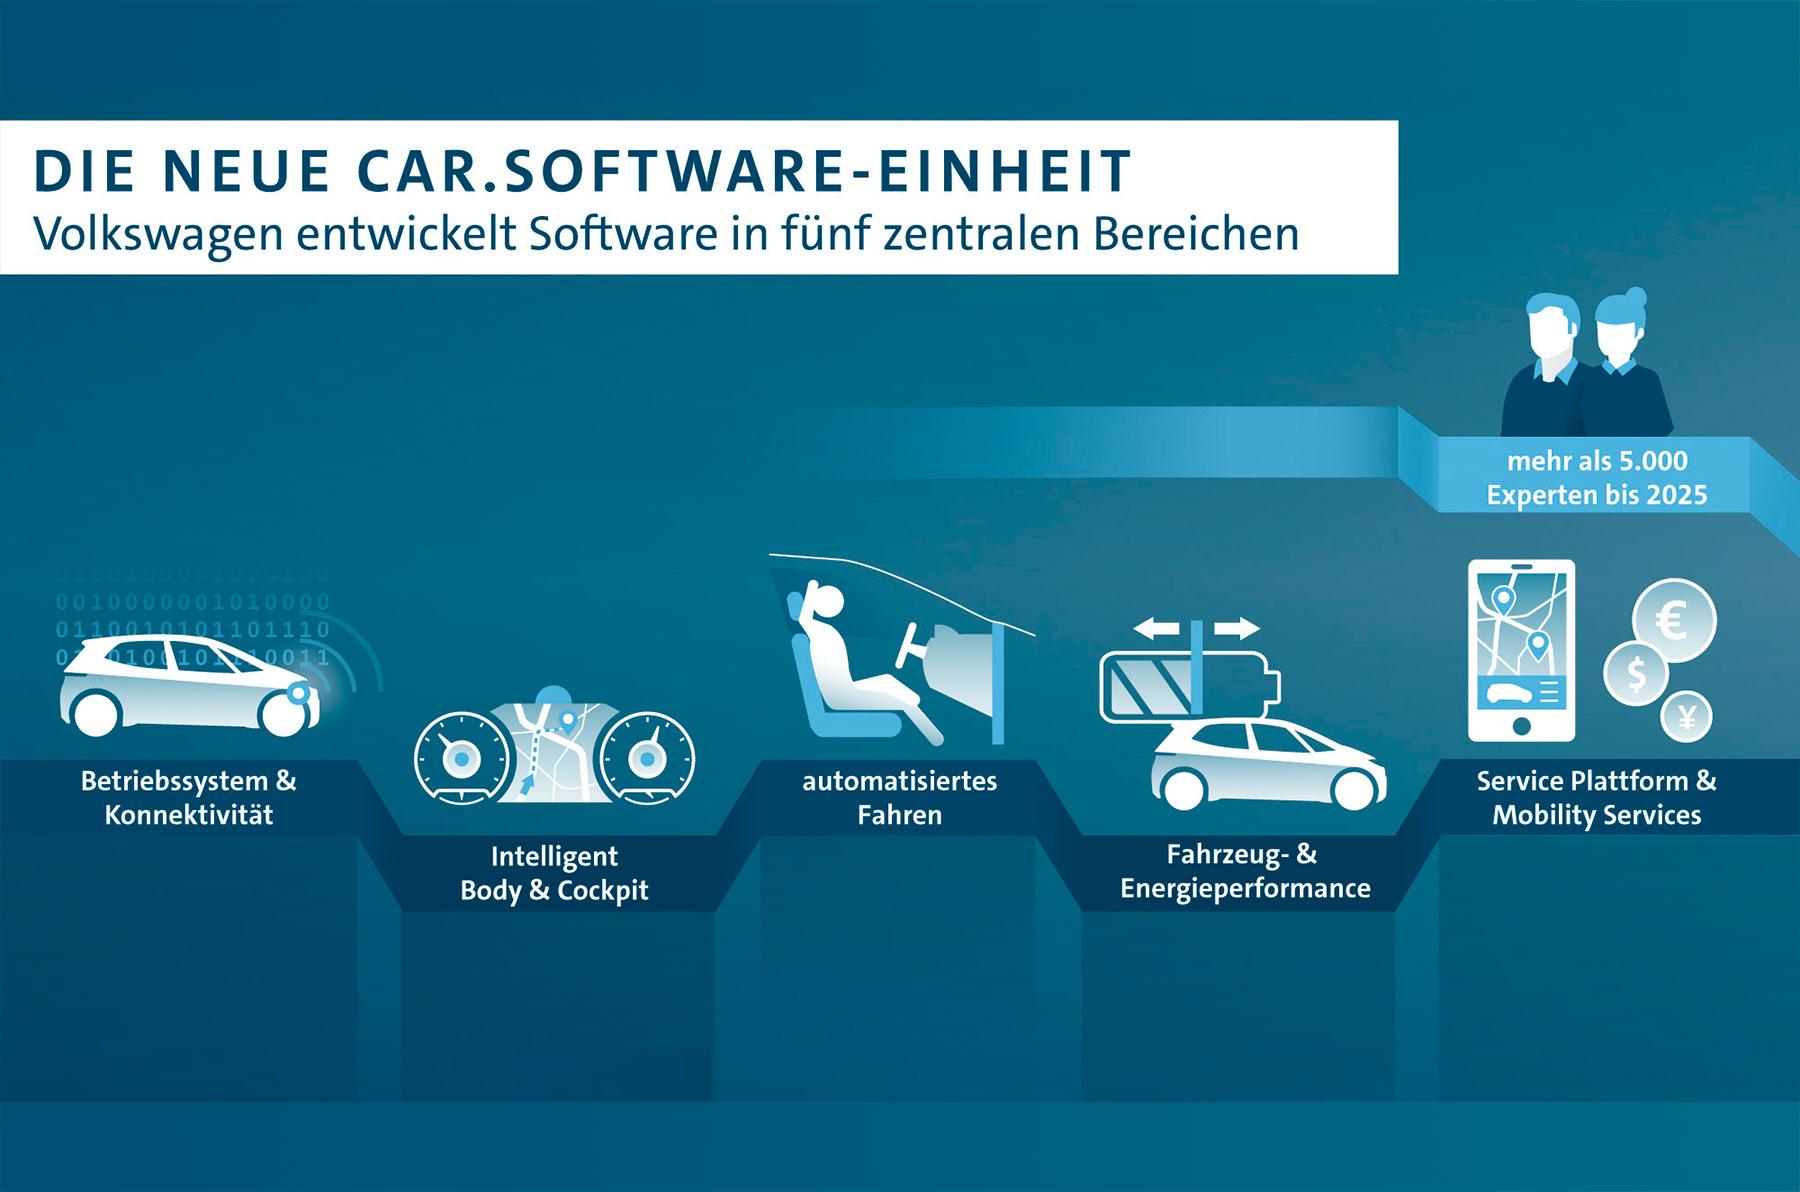 VW will in Zukunft mit 5.000 Digital-Experten die Software in den Focus rücken